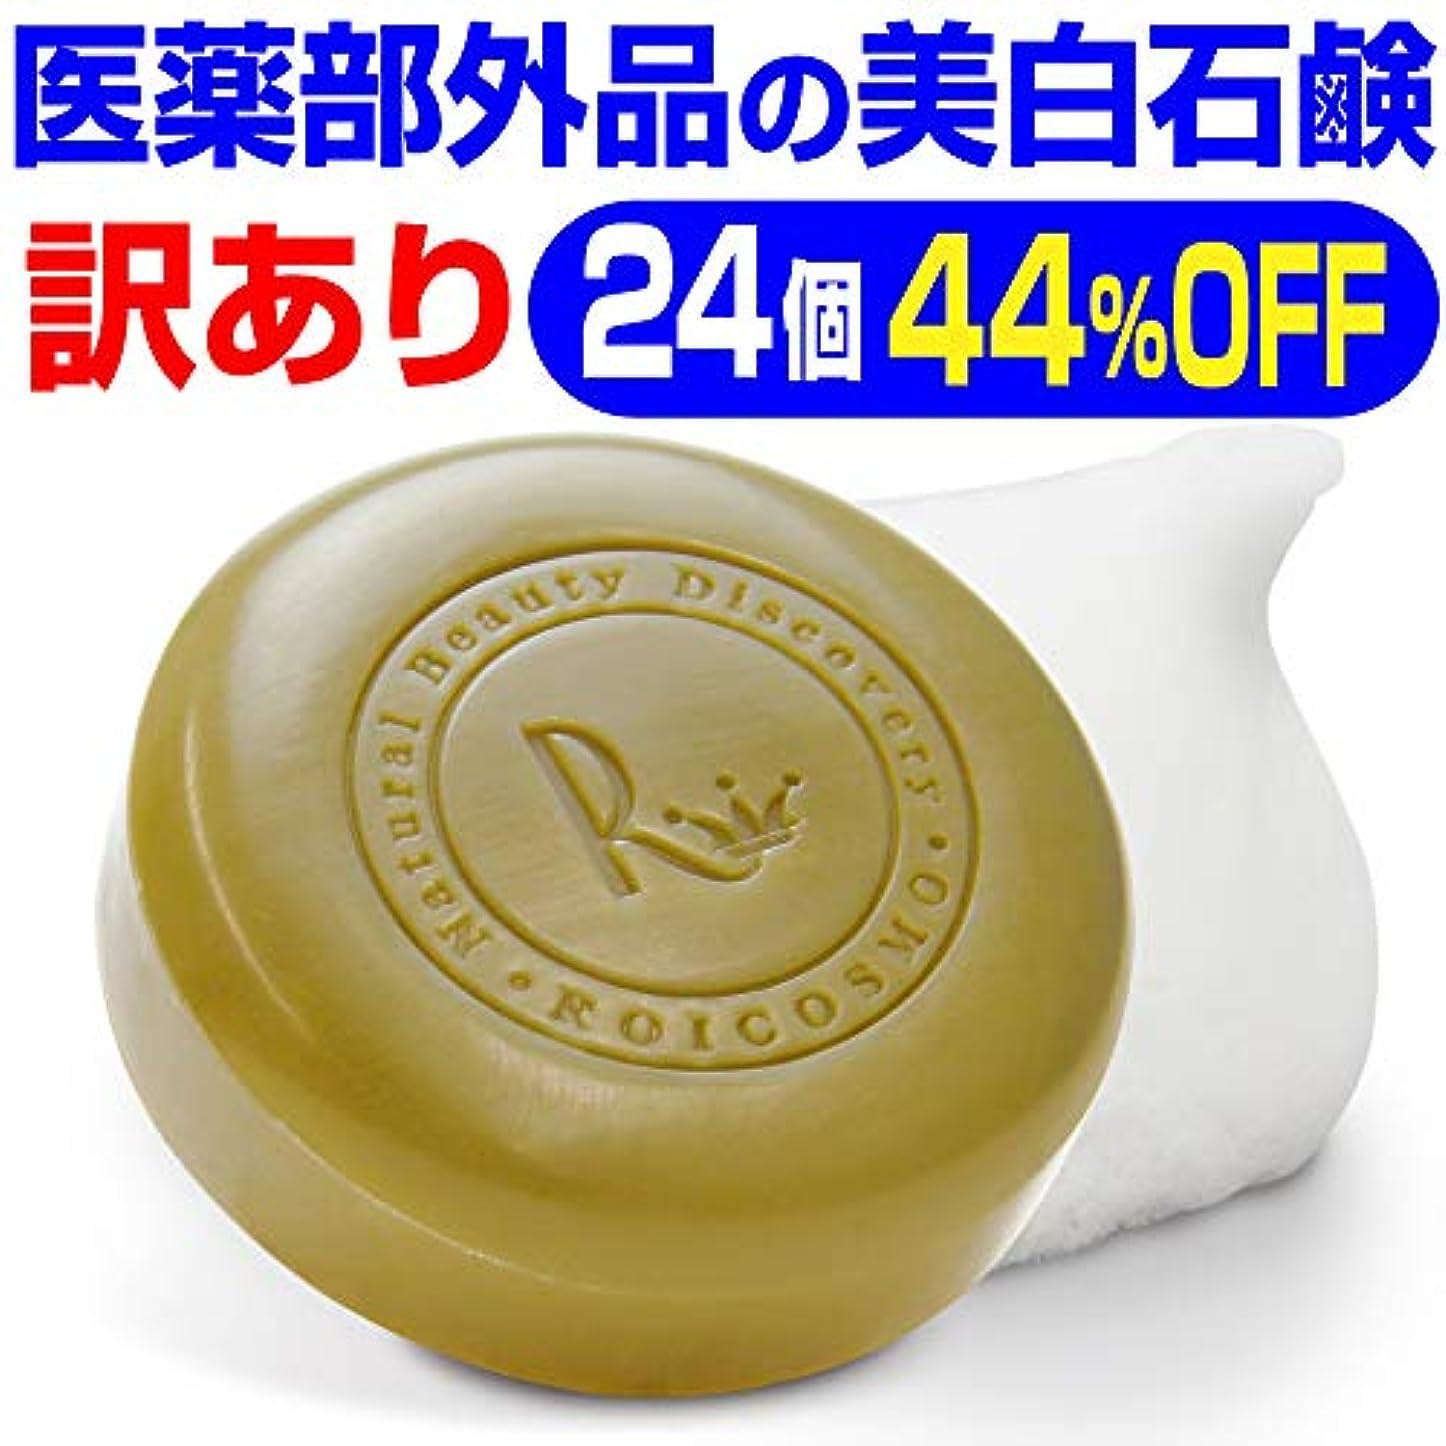 夕食を食べる液化する病者訳あり44%OFF(1個2,143円)売切れ御免 ビタミンC270倍の美白成分の 洗顔石鹸『ホワイトソープ100g×24個』